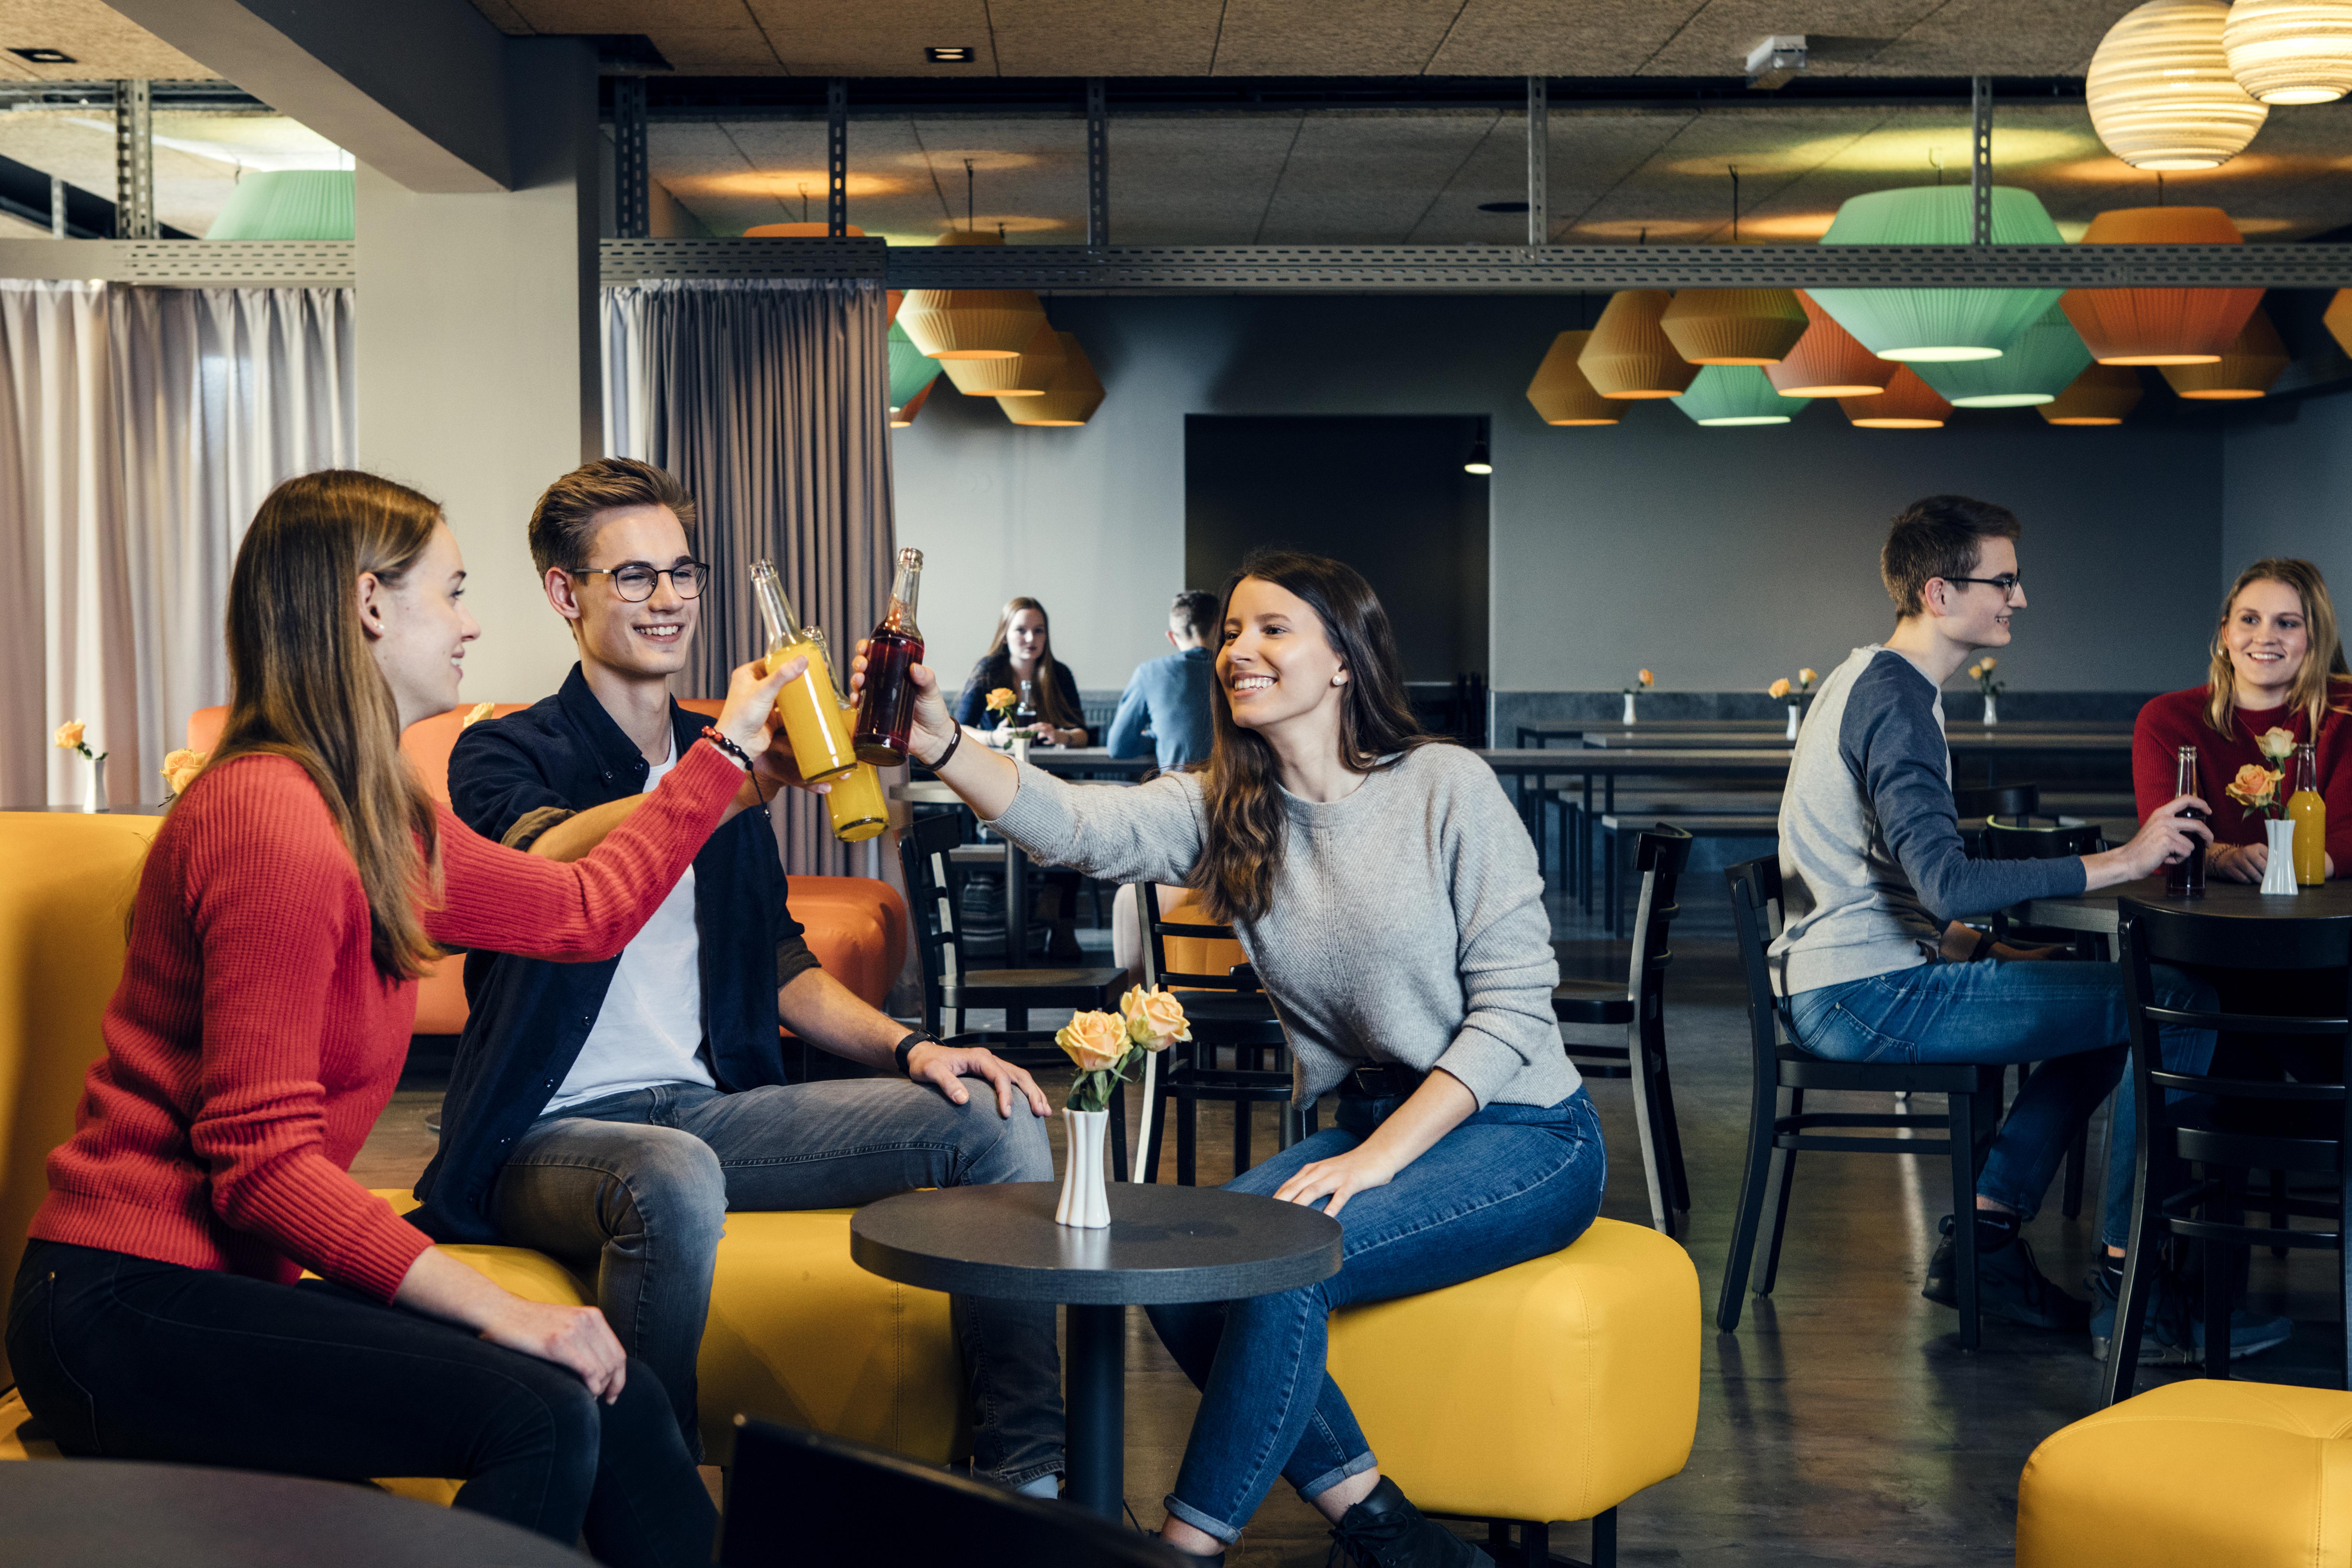 a&o biedt langetermijnhuisvesting voor studenten in 23 verschillende Europese steden